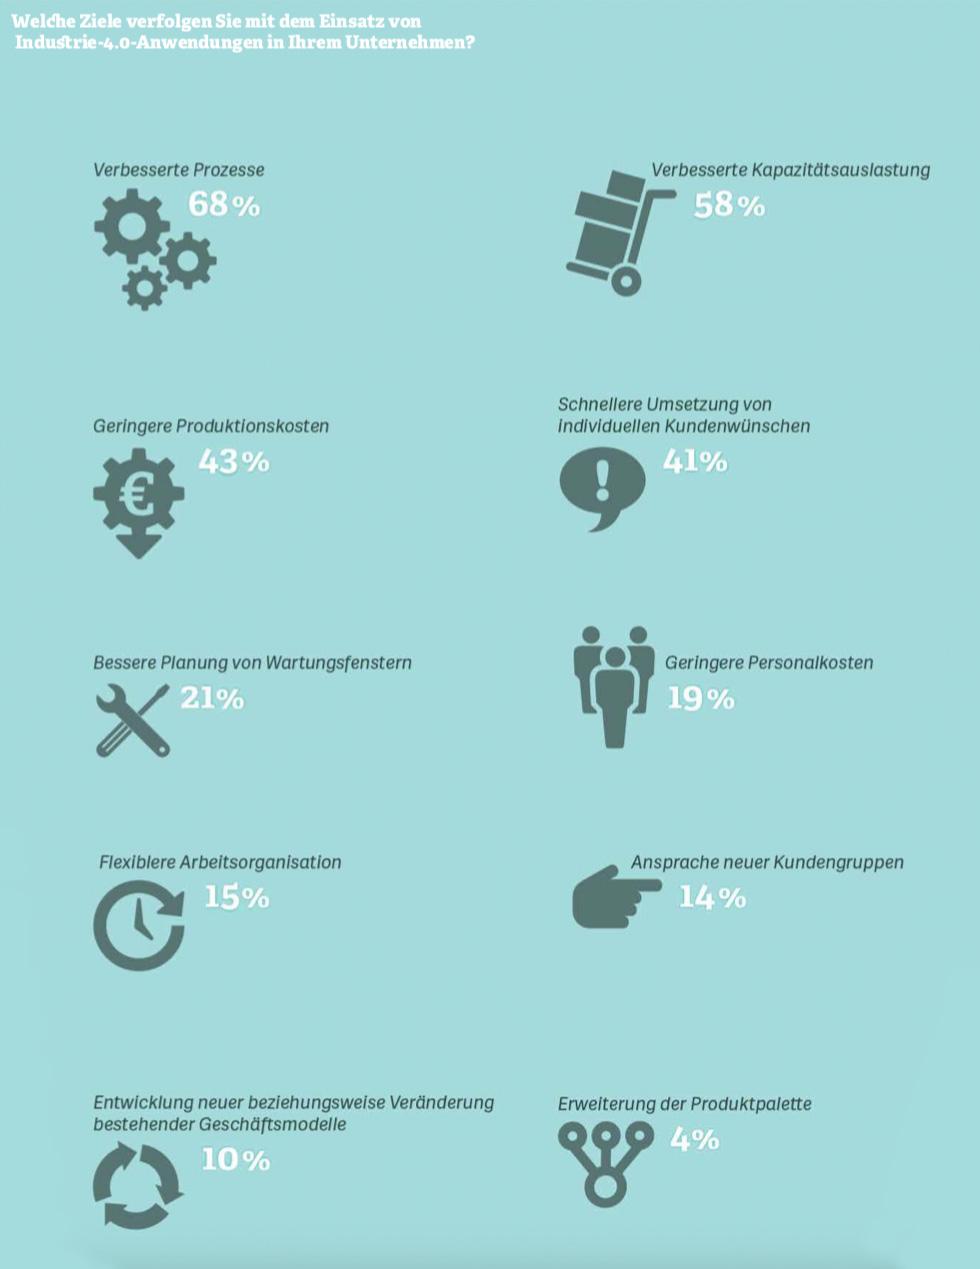 Grafik: Welche Ziele verfolgen Sie mit dem Einsatz von  Industrie-4.0-Anwendungen in Ihrem Unternehmen? Quelle: Bitkom, 2018